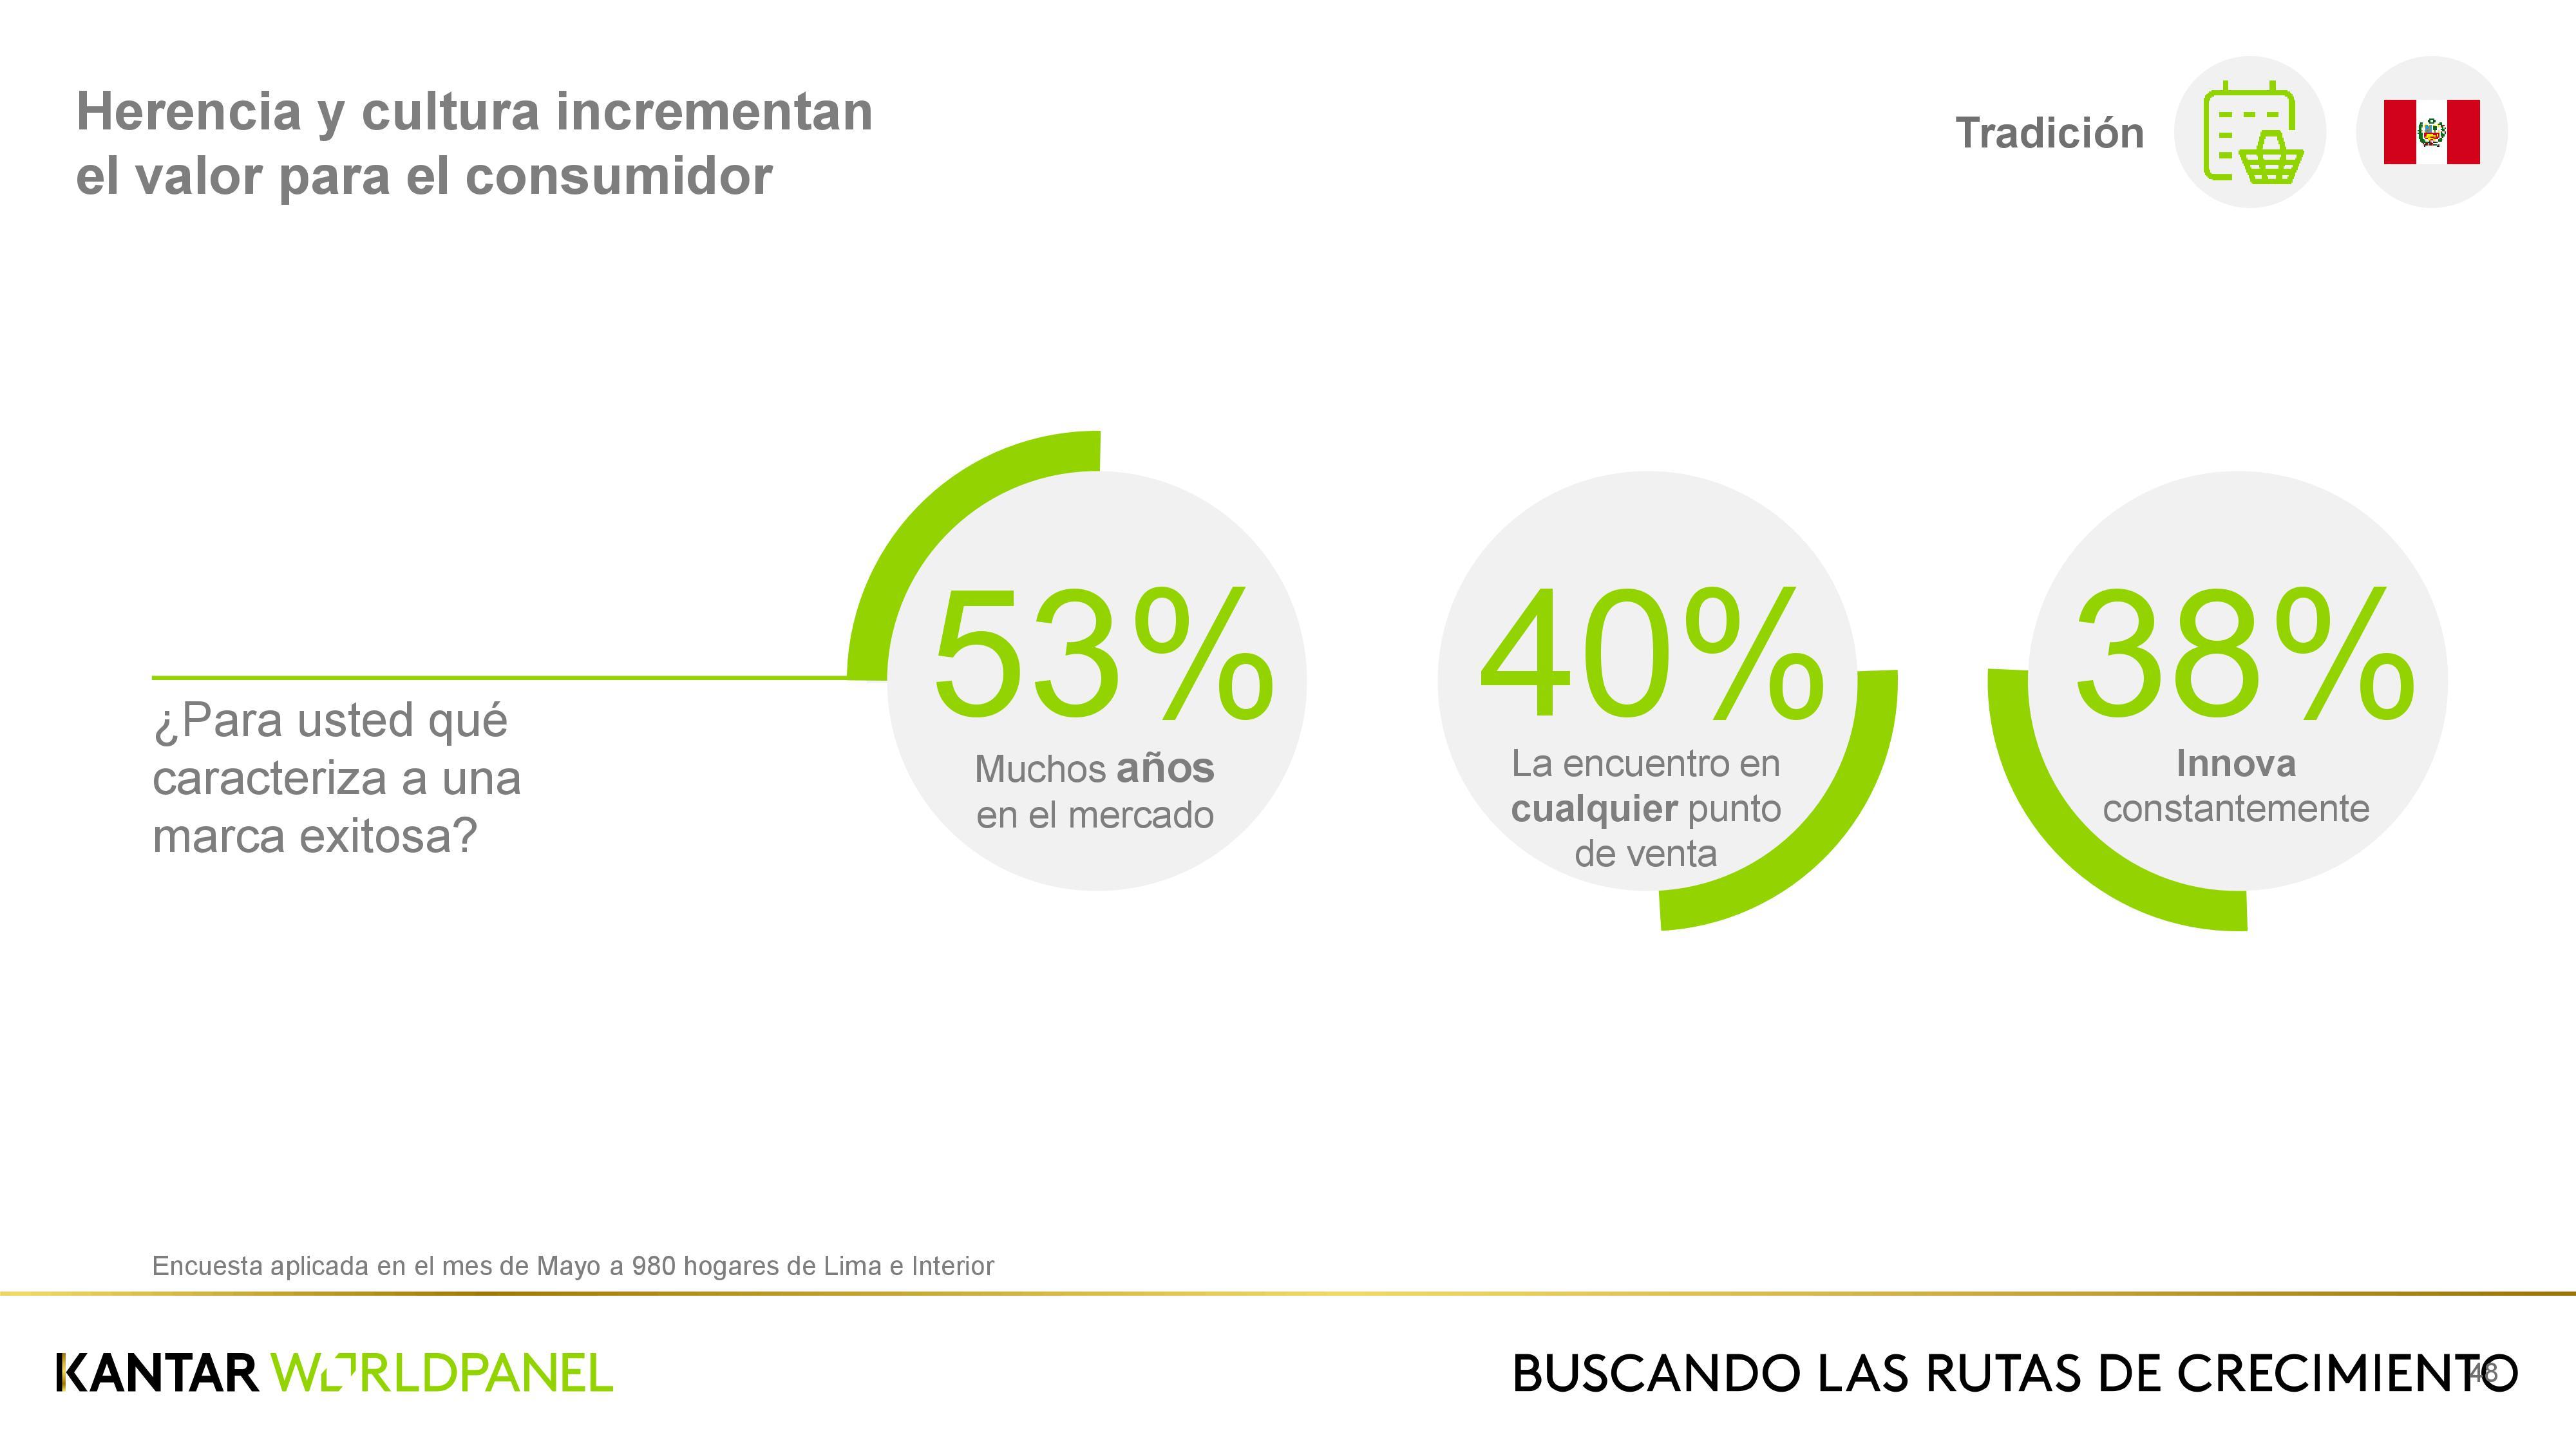 0048 - ¿Cuál es el perfil del consumidor peruano?